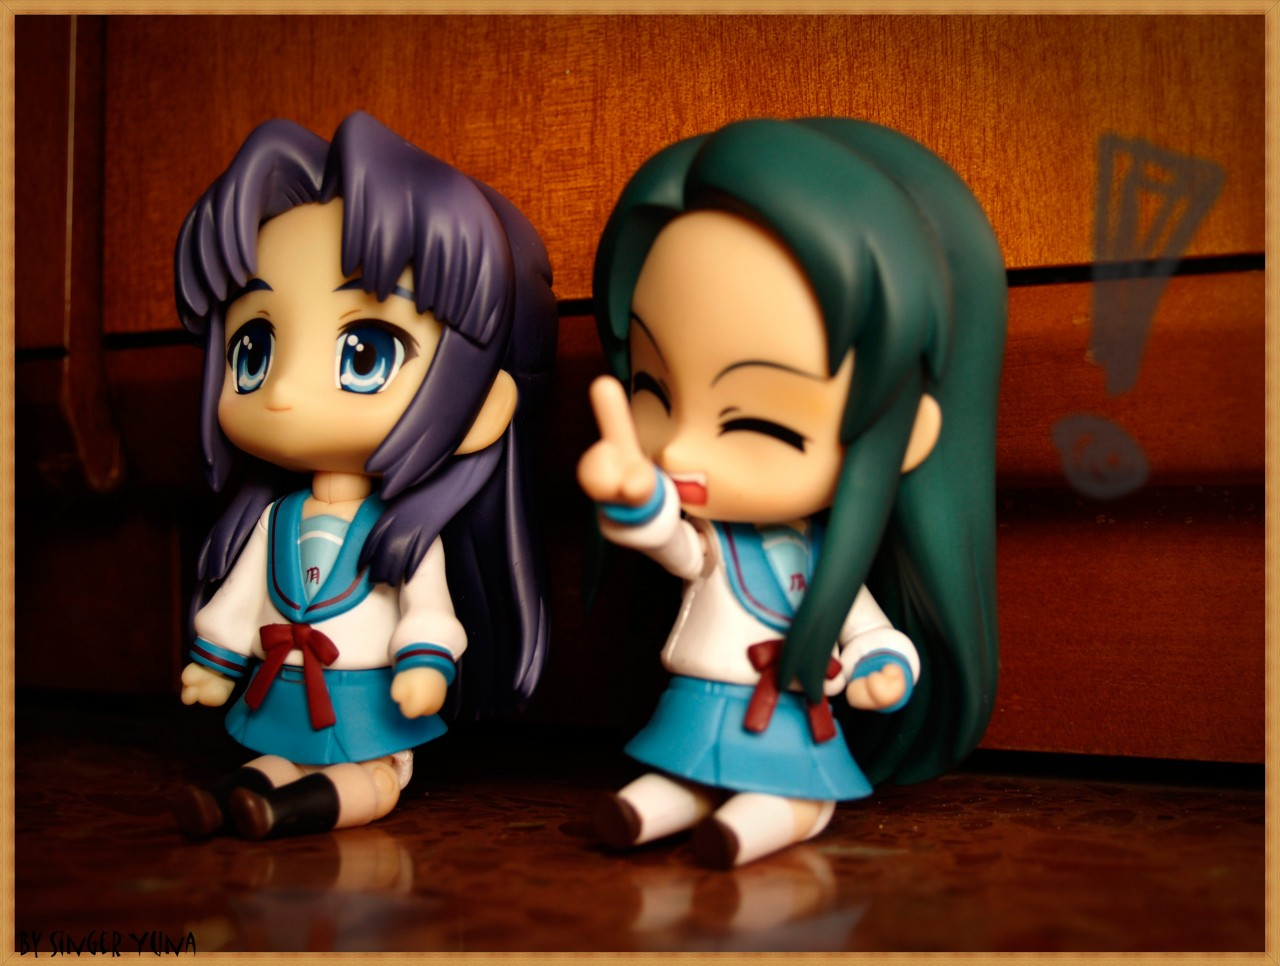 nendoroid good_smile_company tsuruya-san suzumiya_haruhi_no_yuuutsu asakura_ryouko nendoron ebisawa_kyosuke